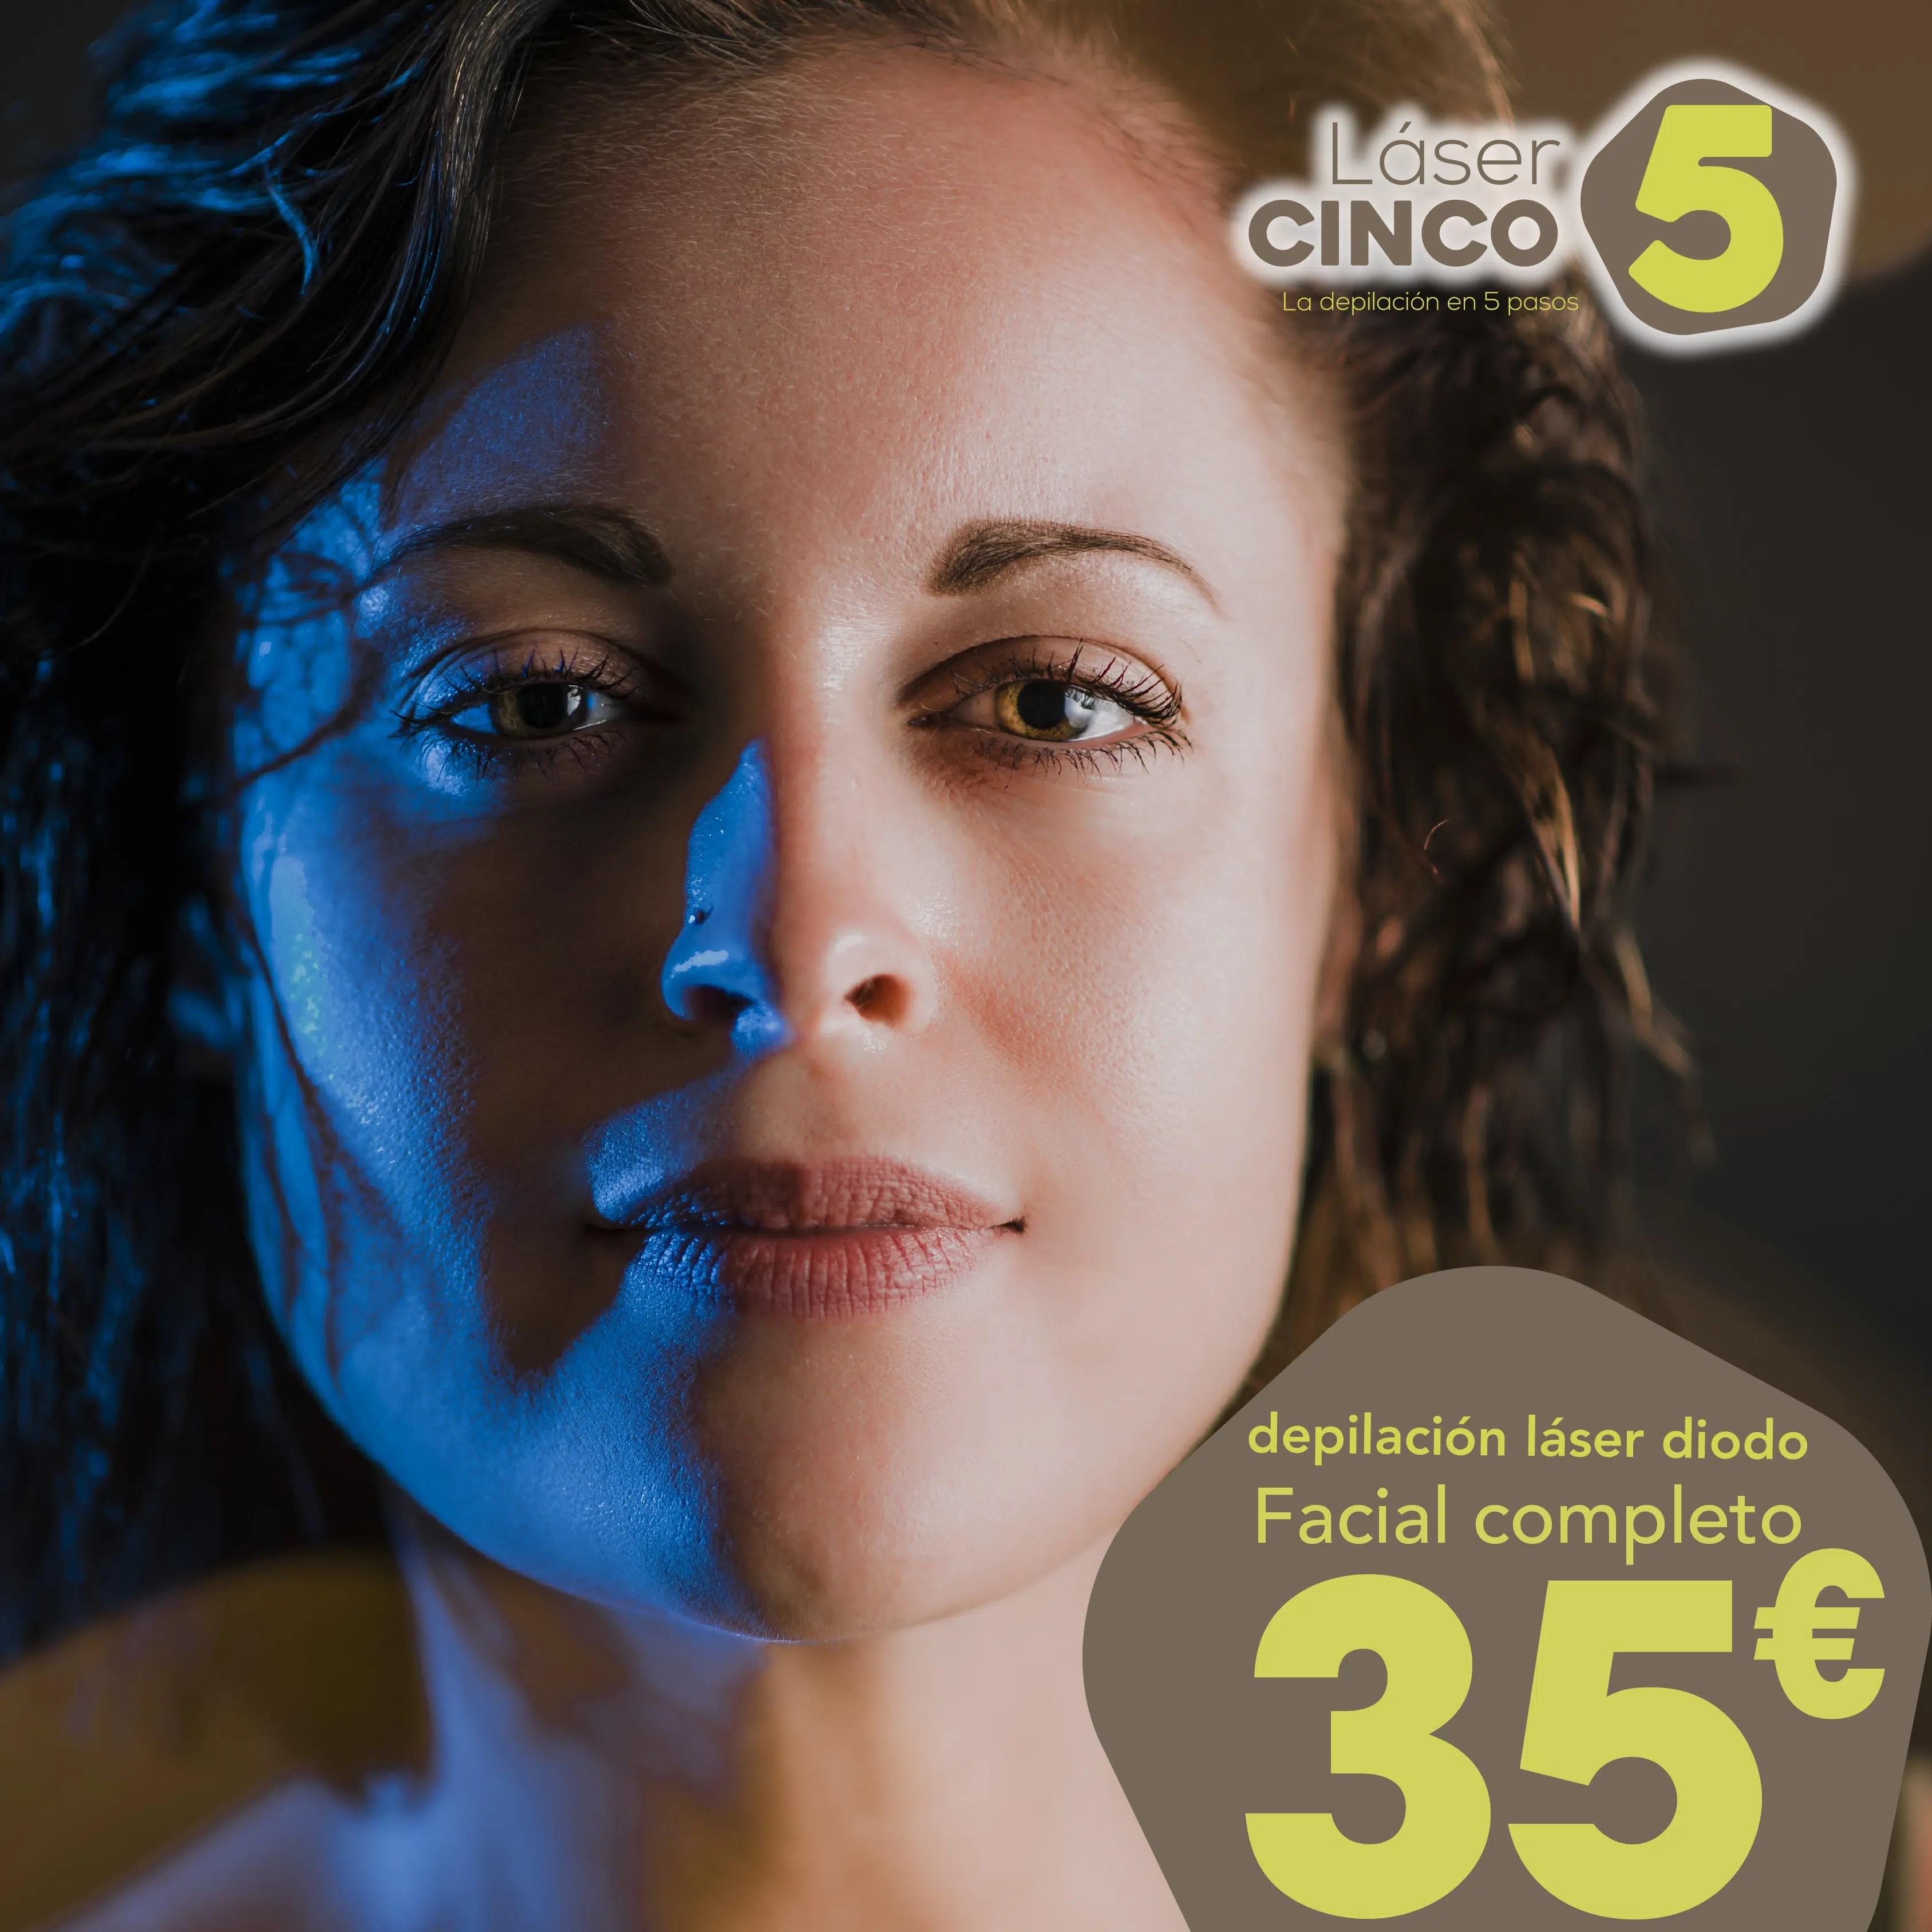 depilación facial completo